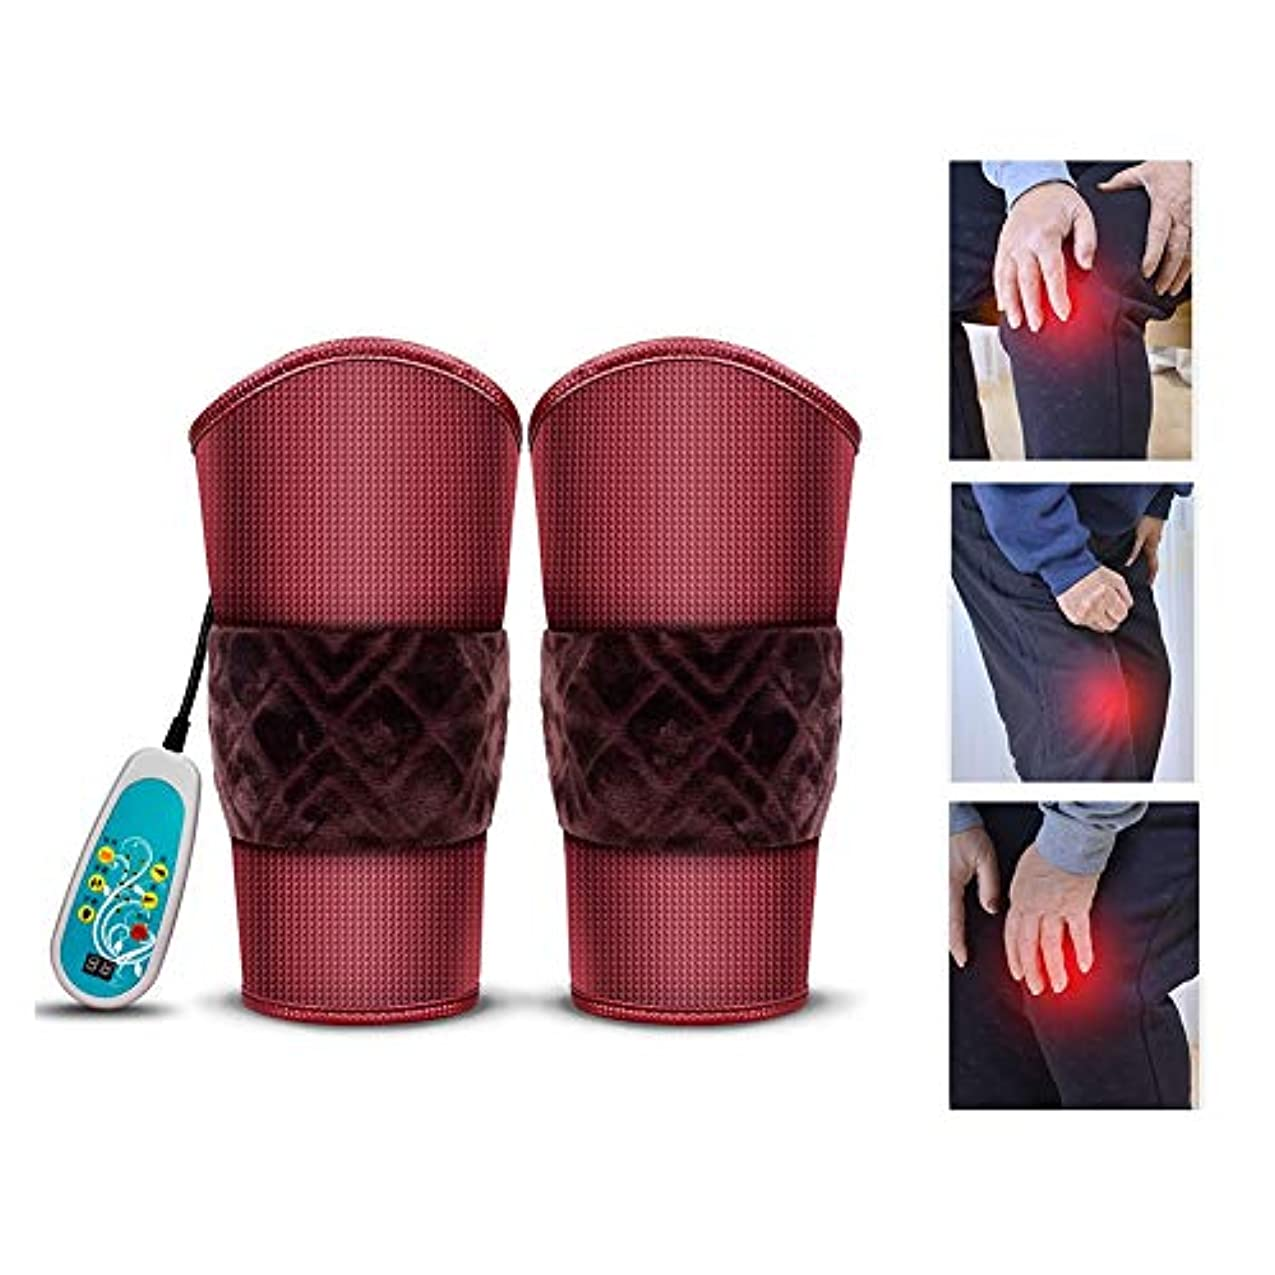 魚交通渋滞鬼ごっこ加熱膝ブレースサポート - 膝ウォームラップヒーテッドパッド - 9マッサージモードと3ファイル温度のセラピーマッサージャー、膝の怪我、痛みの軽減